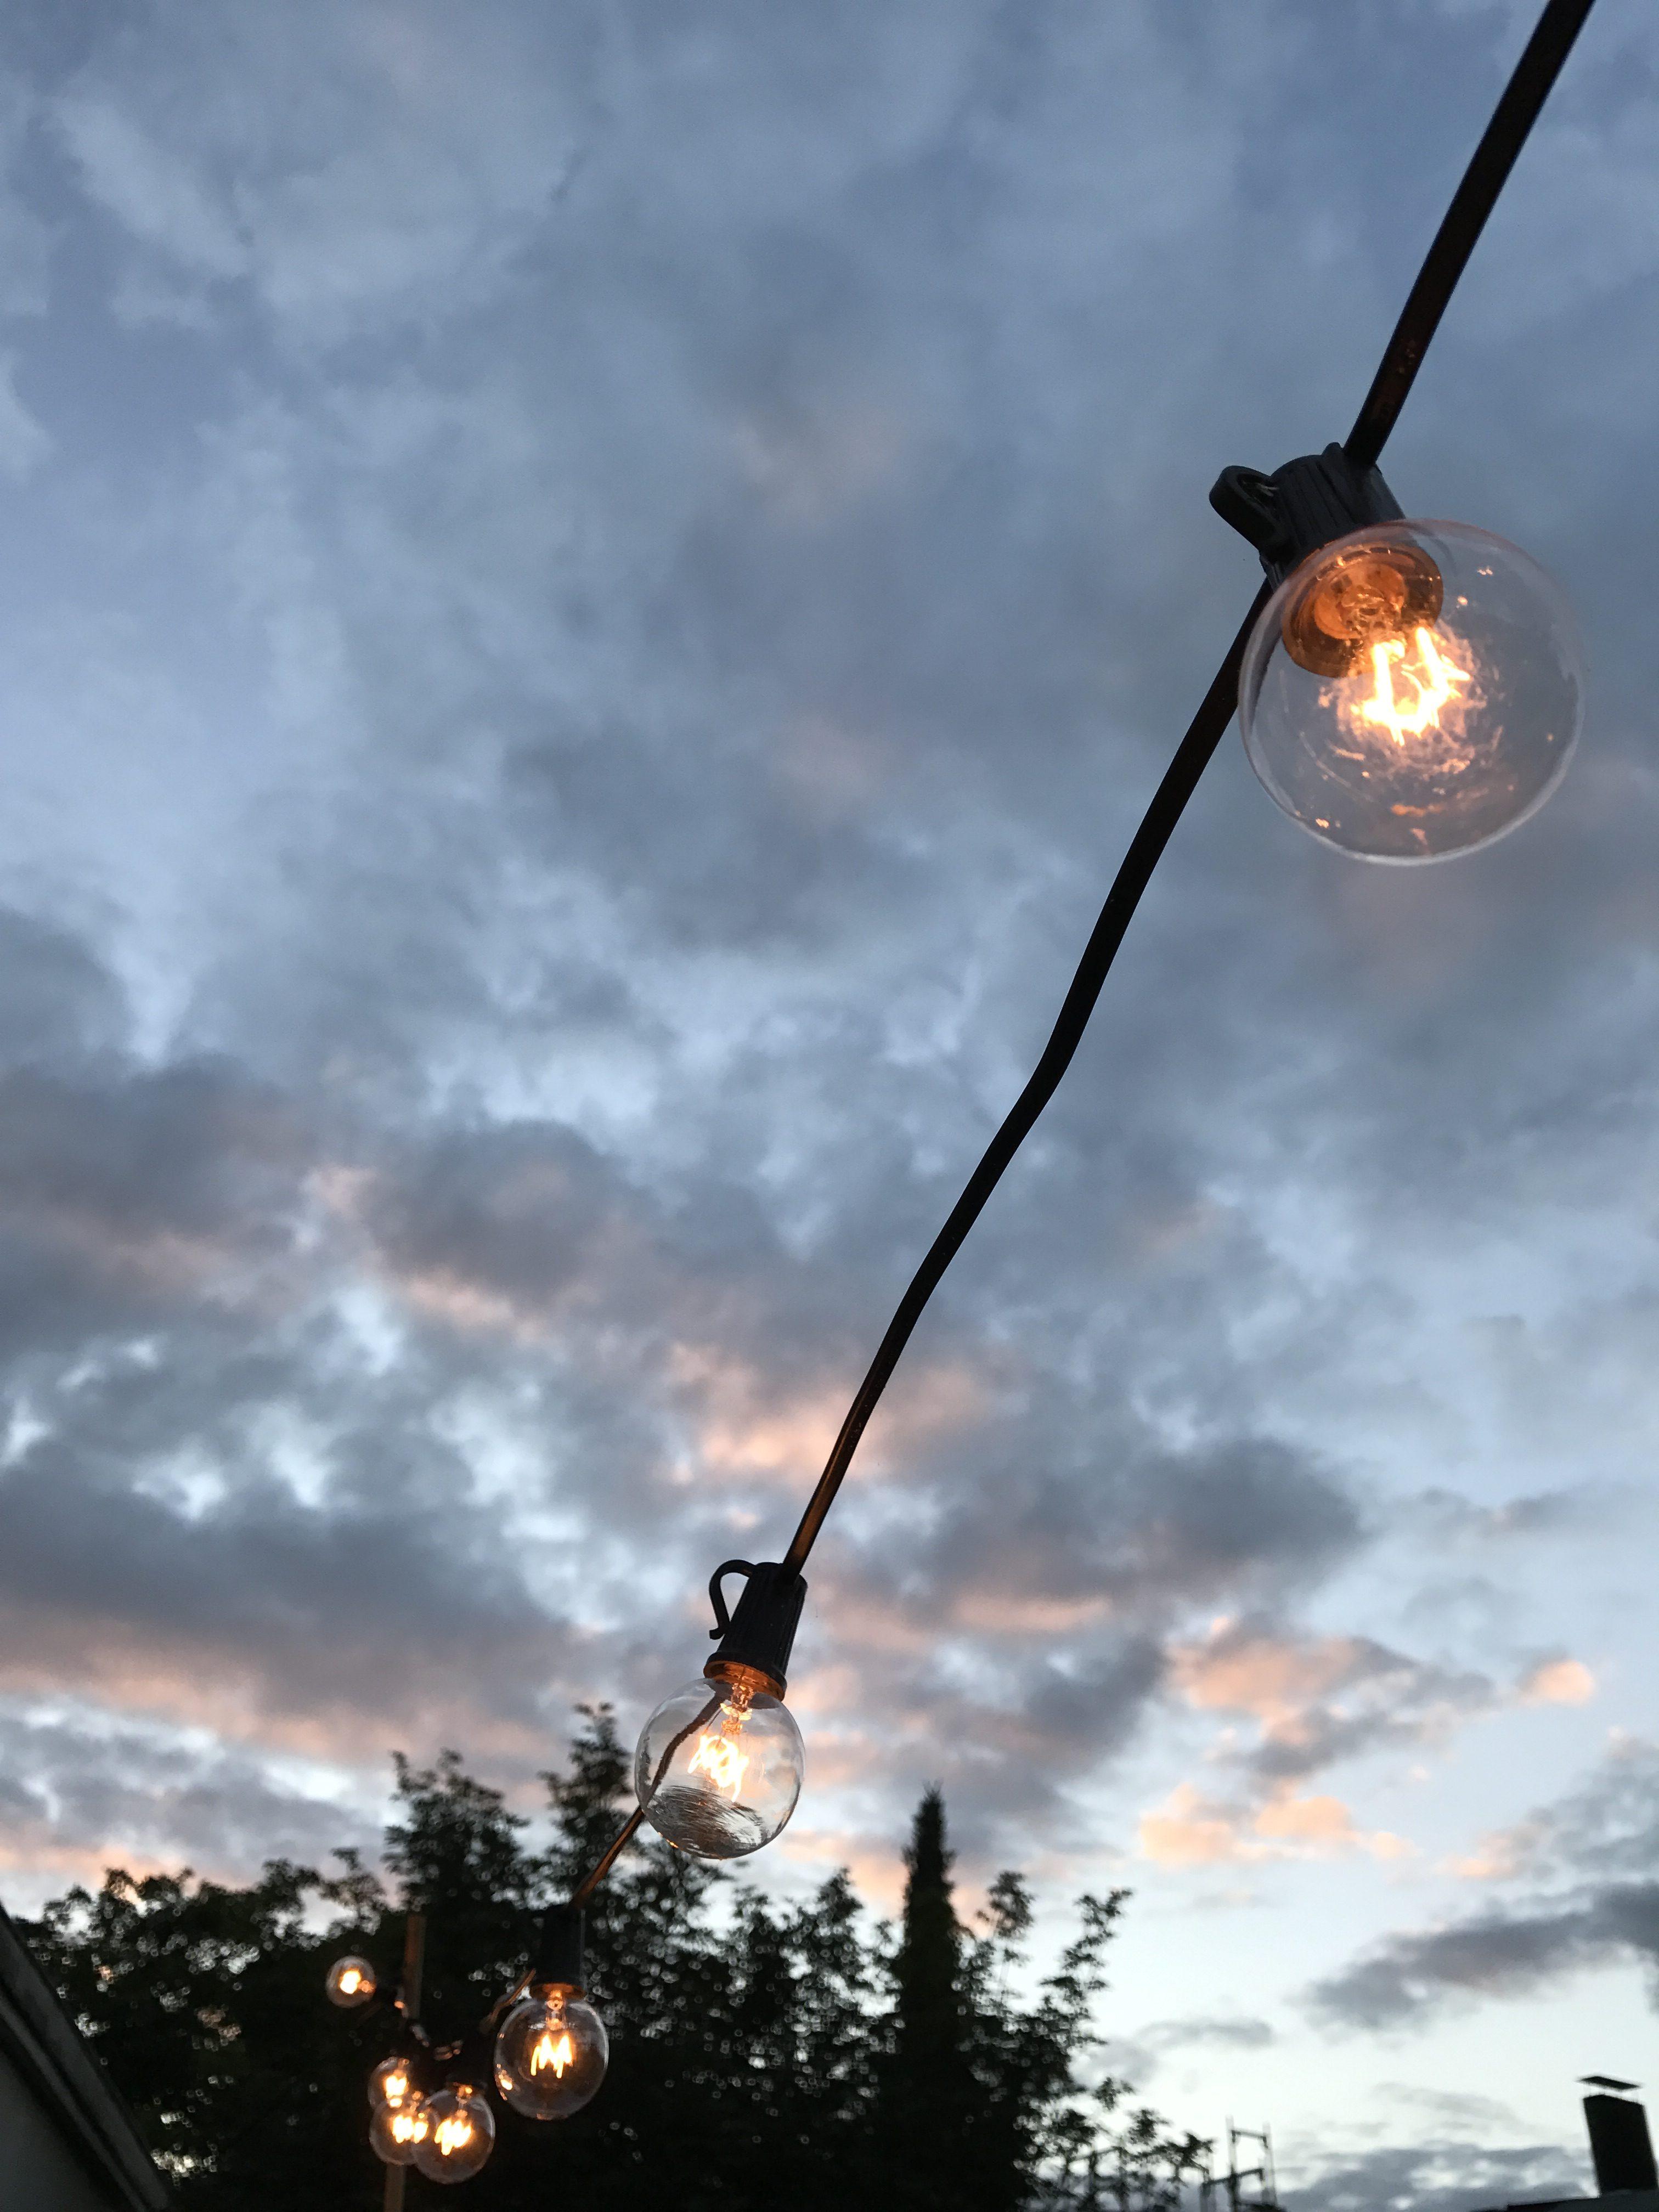 Lichterkette auf dem Balkon